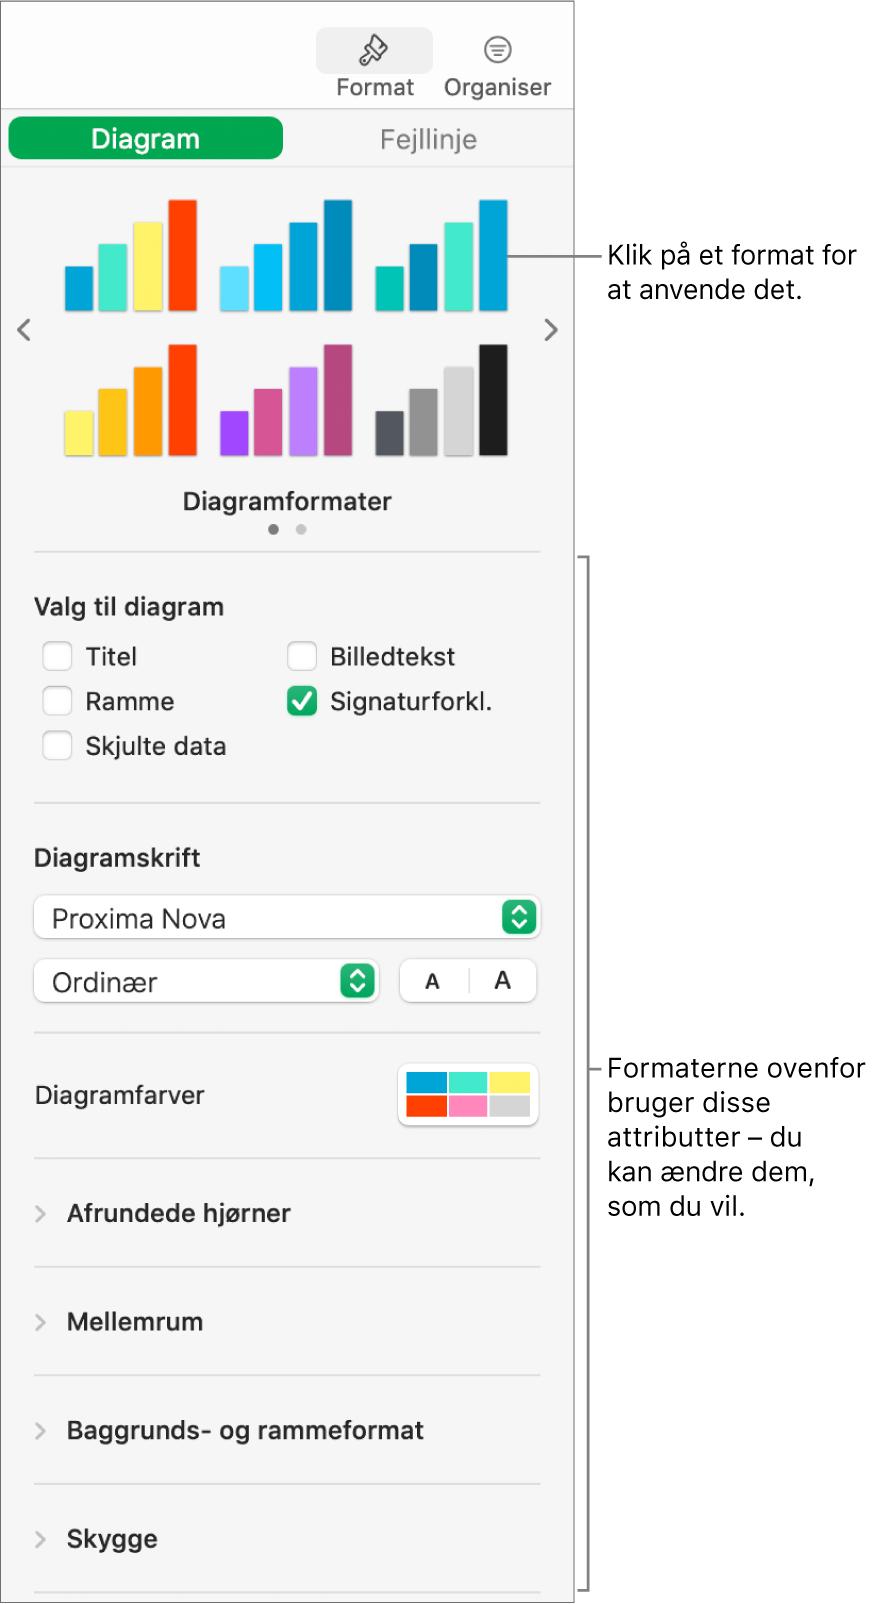 Indholdsoversigten Formatering, der viser betjeningsmuligheder til formatering af diagrammer.